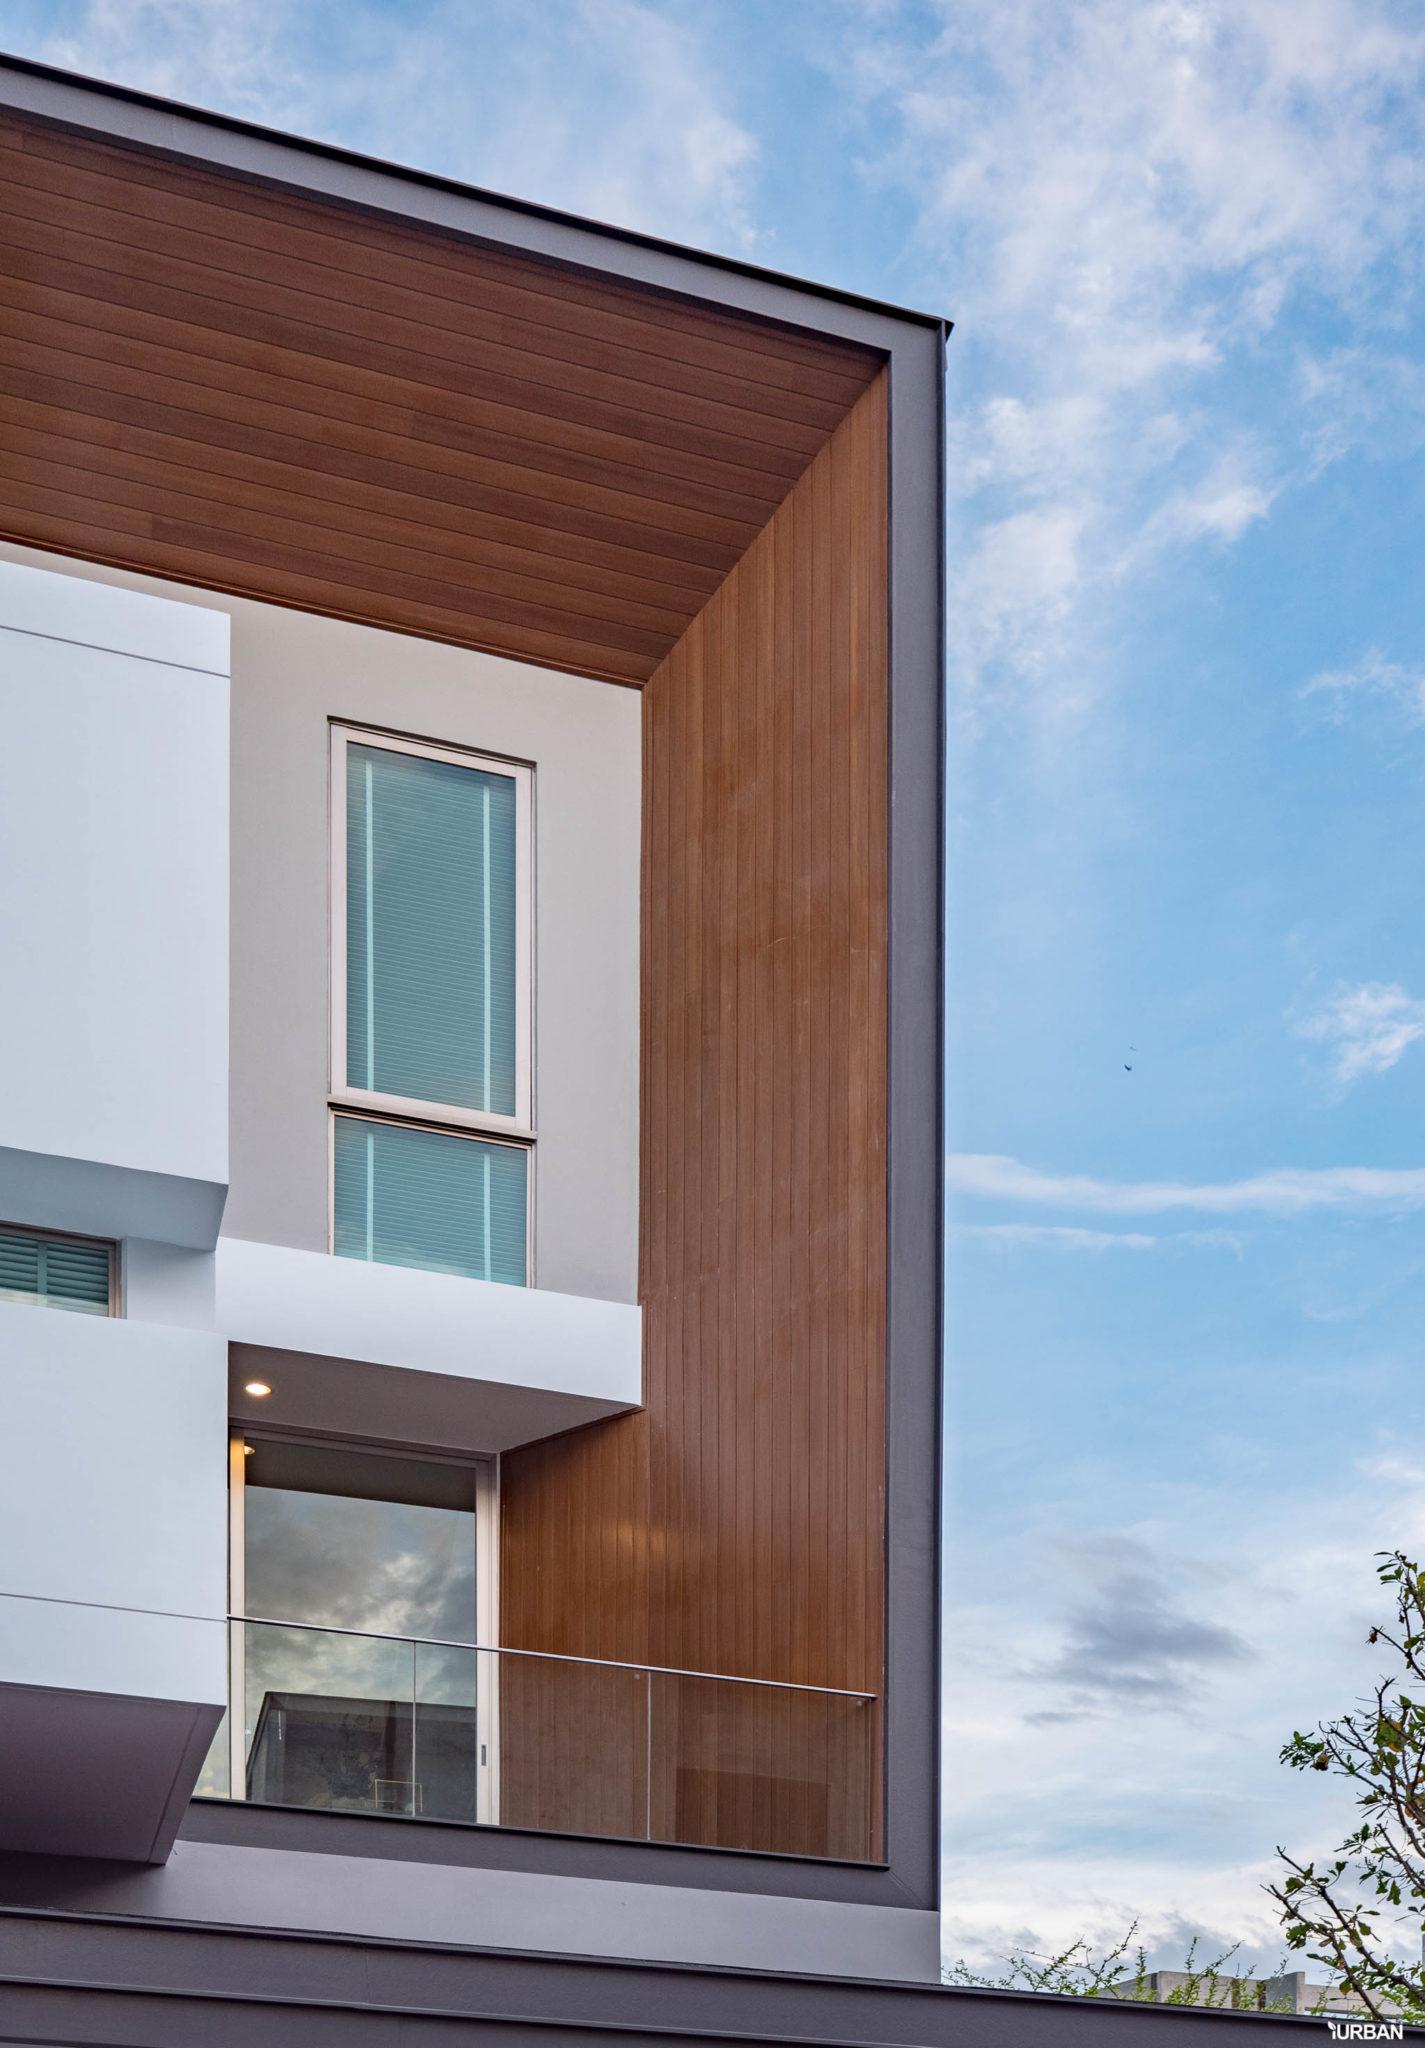 รีวิว Nirvana BEYOND Udonthani บ้านเดี่ยว 3 ชั้น ดีไซน์บิดสุดโมเดิร์น บนที่ดินสุดท้ายหน้าหนองประจักษ์ 94 - Luxury